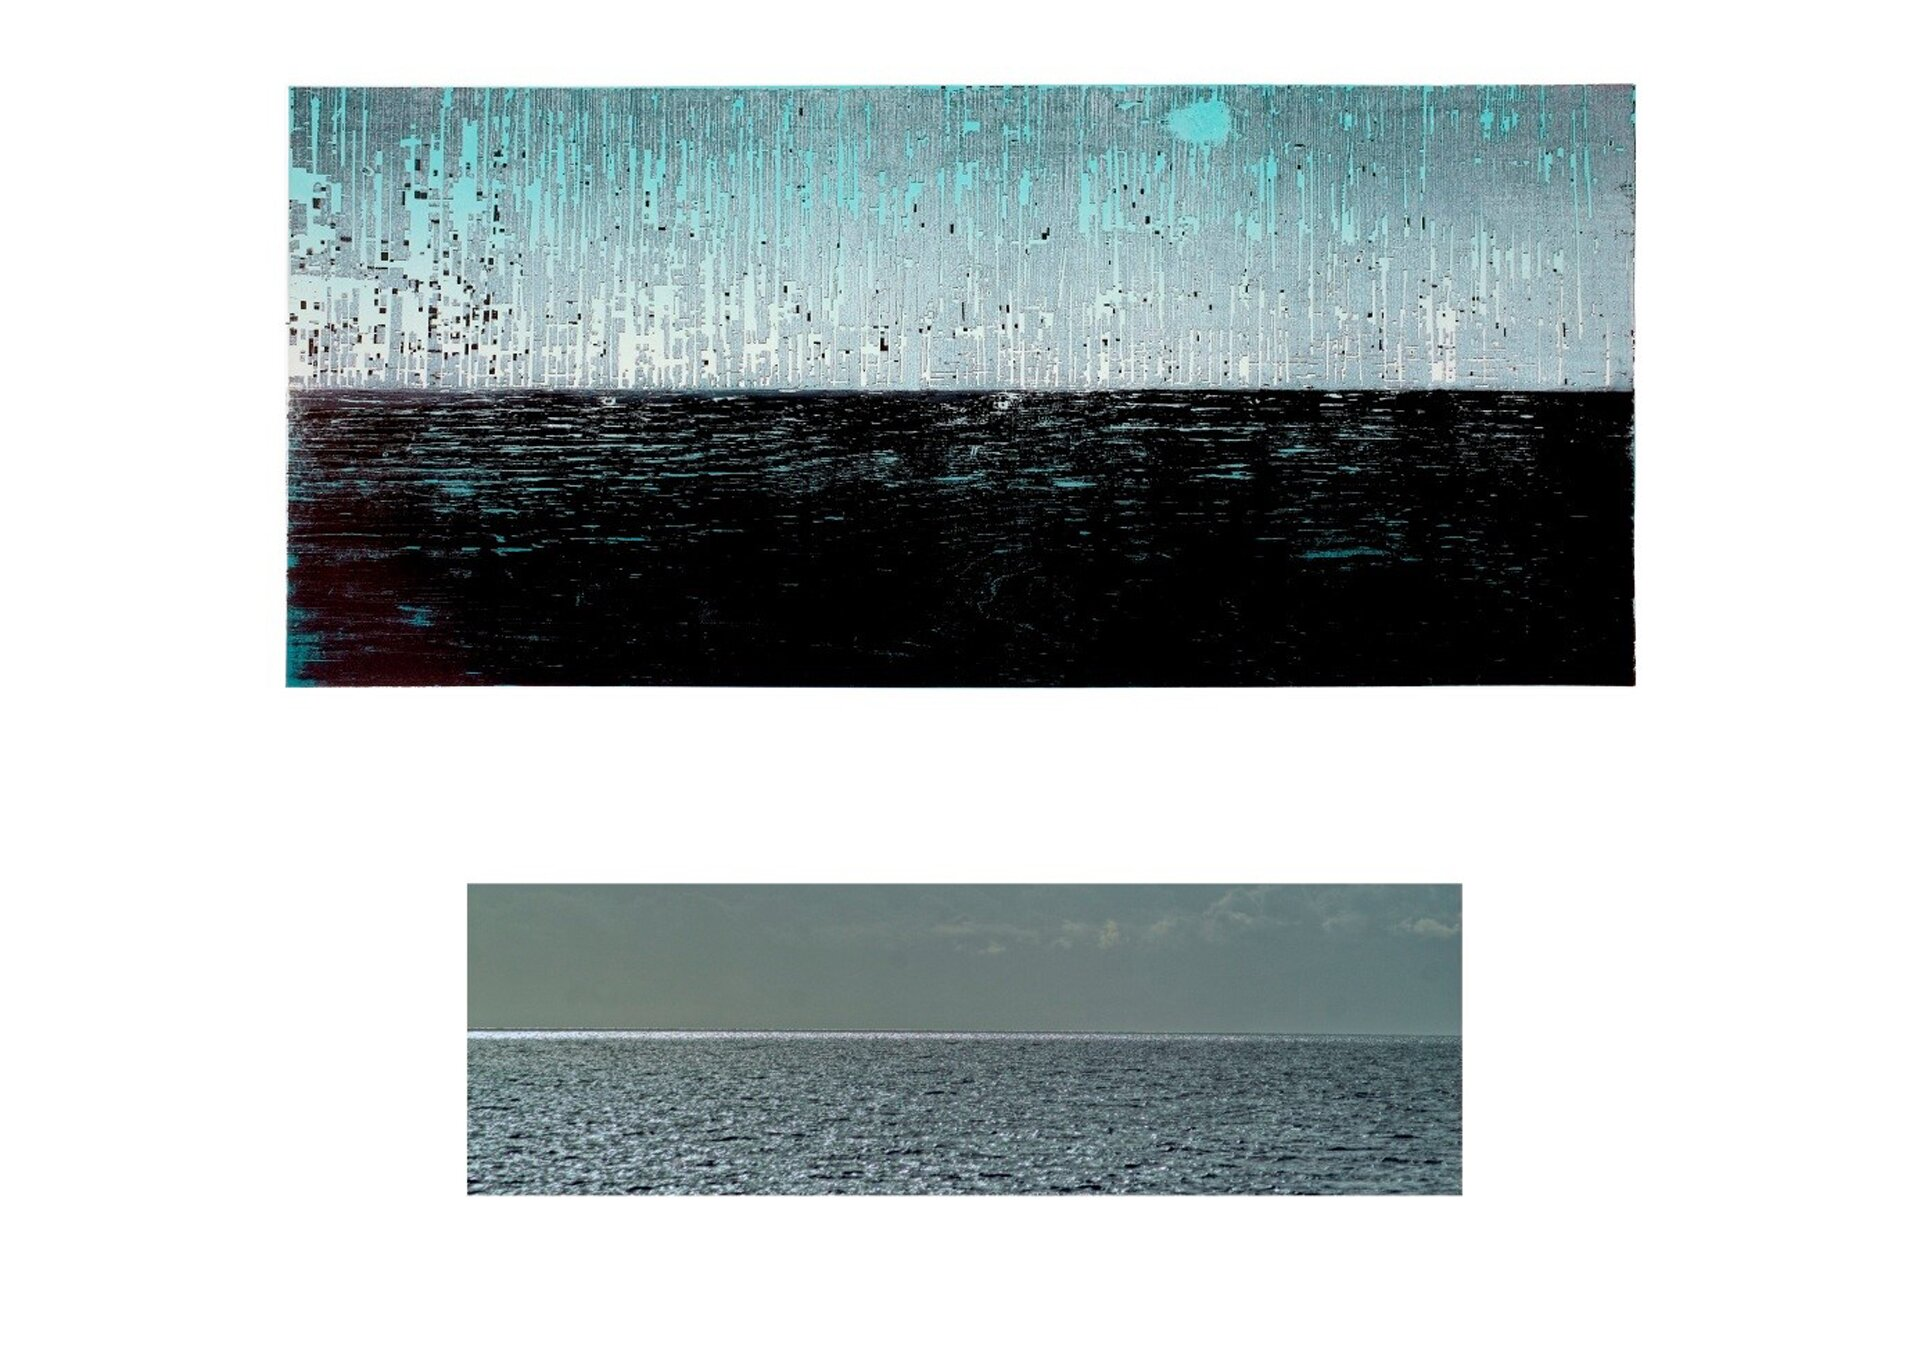 """Ilustracja interaktywna przedstawia drzeworyt """"Lombok"""" autorstwa Michała Rygielskiego. Horyzontalna kompozycja grafiki ukazuje niebo itaflę wody podczas deszczu. Deszcz autor oddał za pomocą podłużnych plam ikleksów na tle nieba oraz poziomych, przerywanych linii na tle wody."""